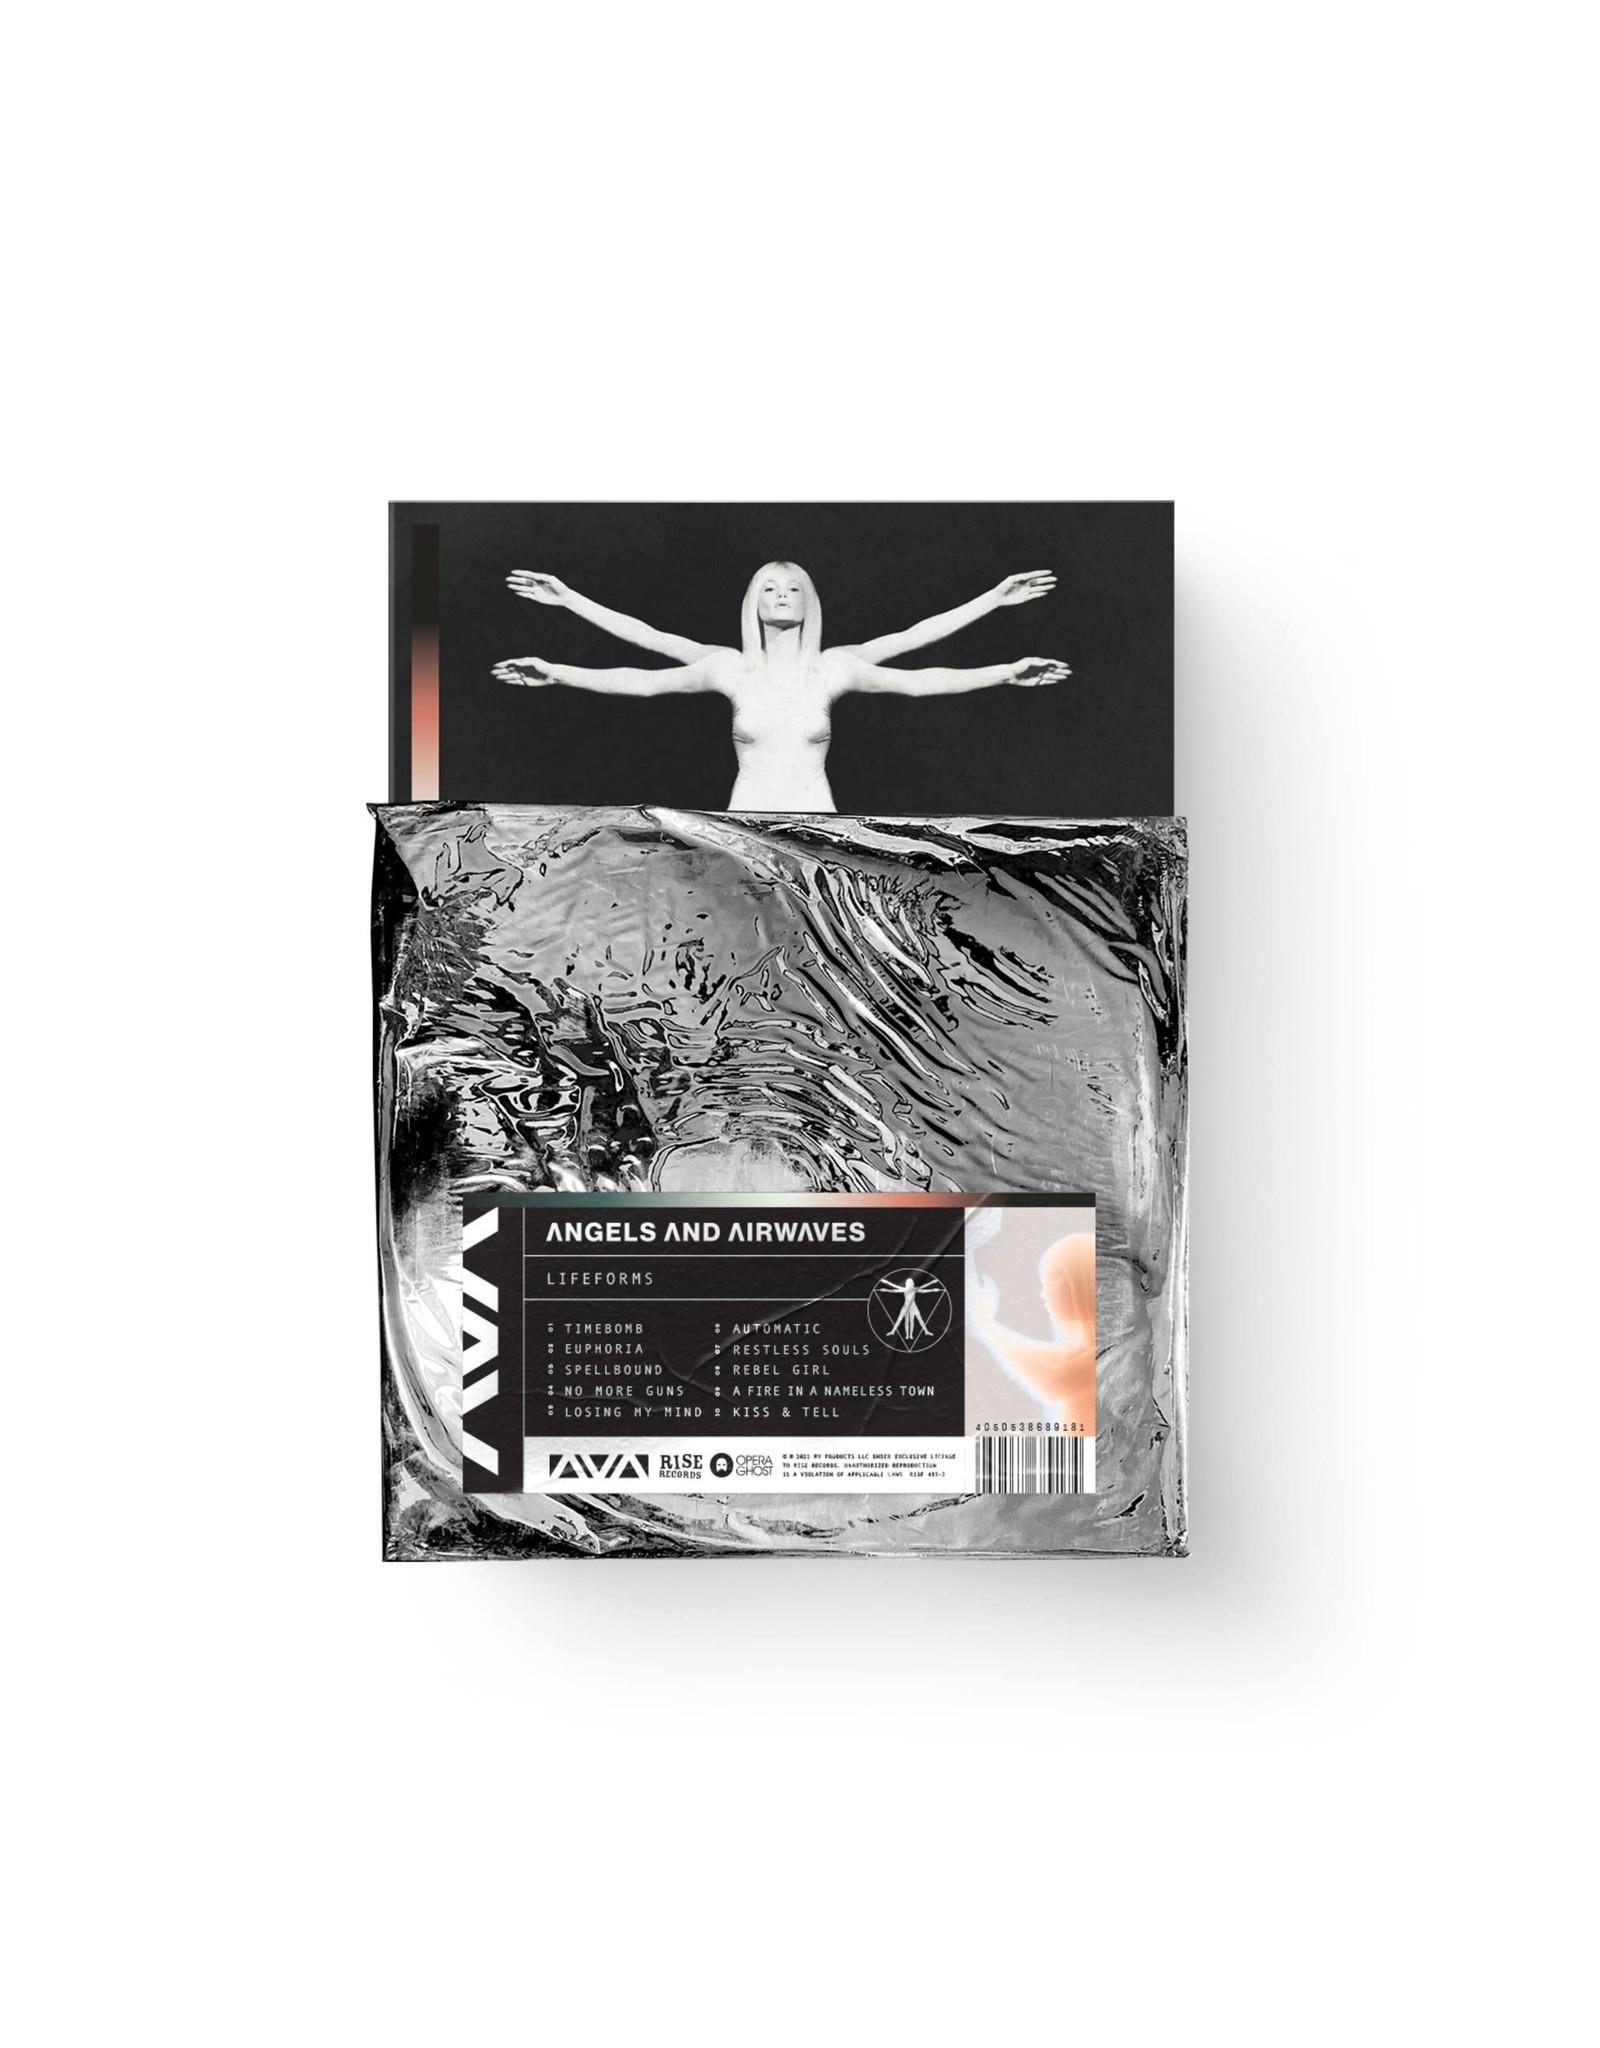 Angels and Airwaves - Lifeforms CD